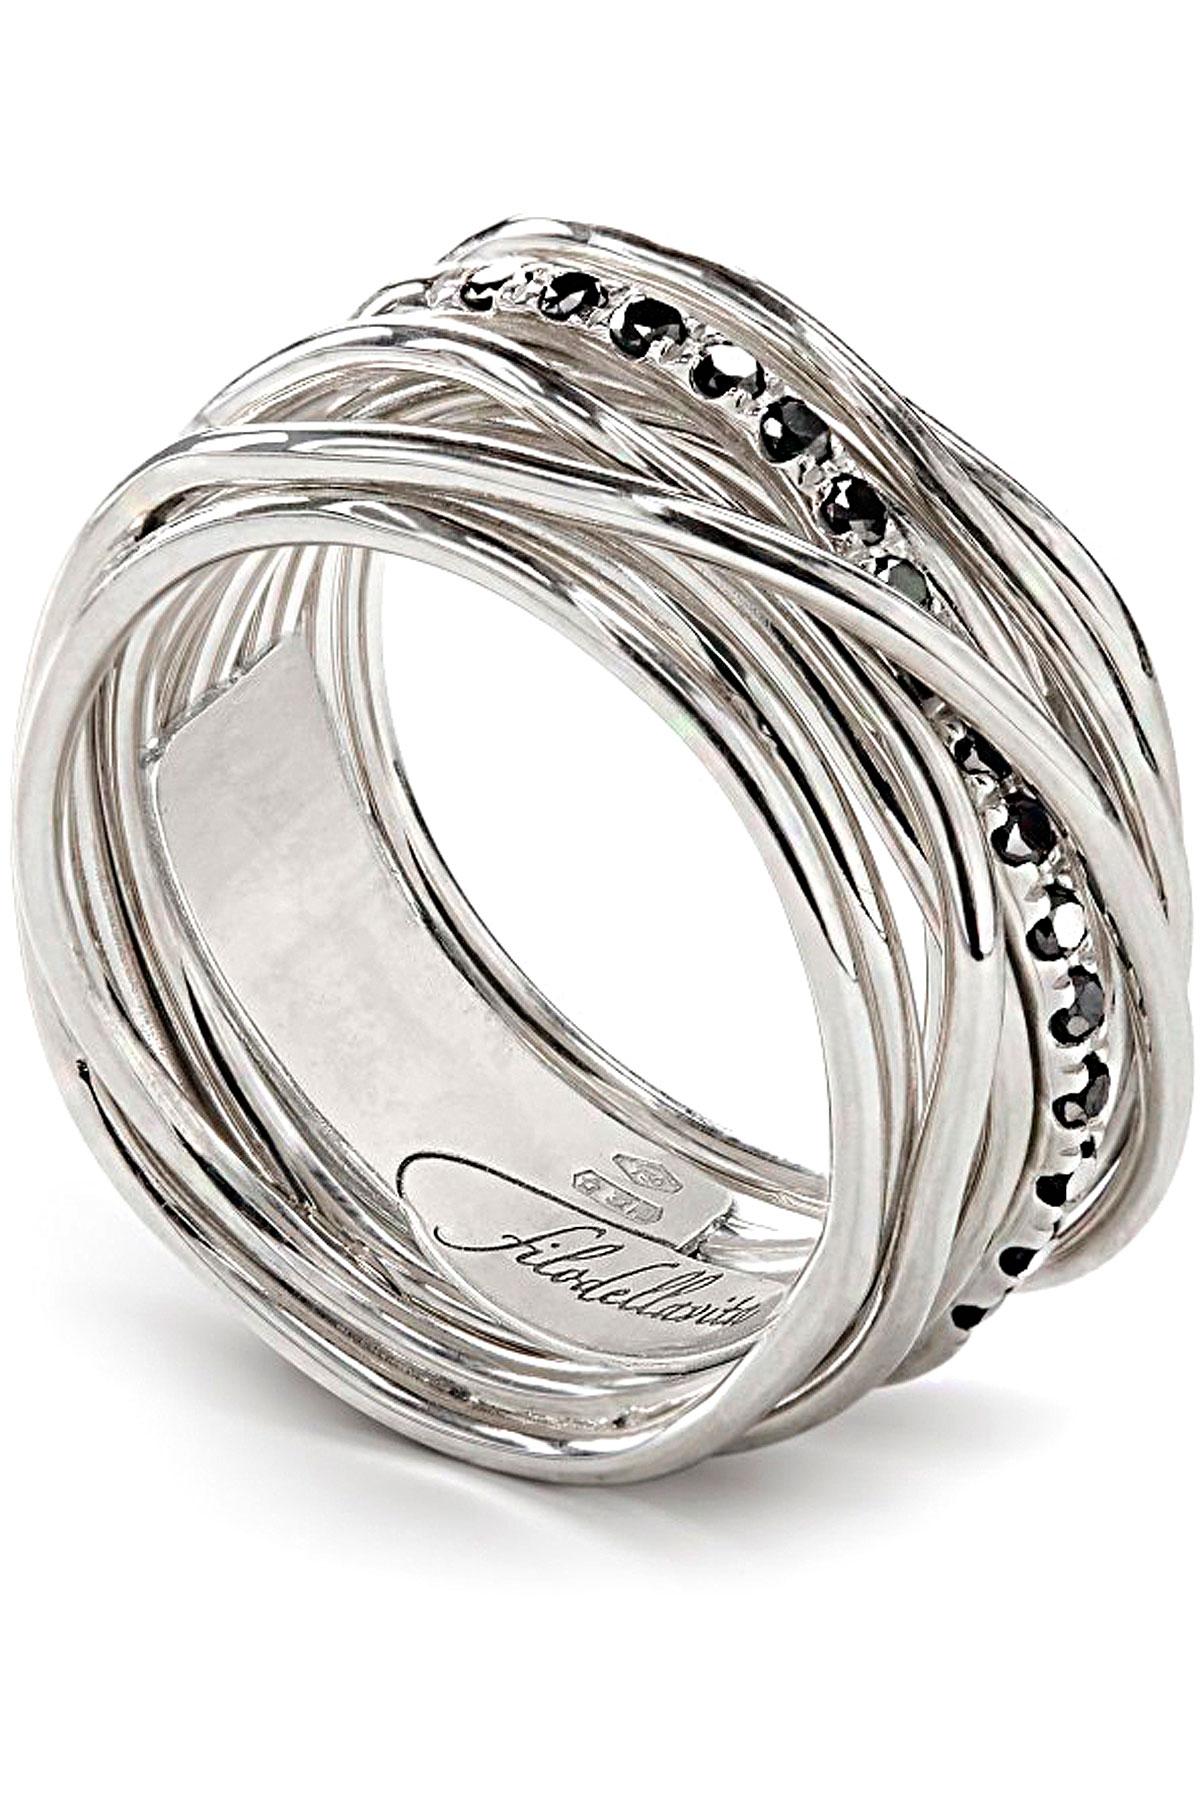 Filo Della Vita Ring for Women, Silver, Silver, 2019, USA 6 3/4 ( I 14 - GB N) USA 7 ( I 15 - GB N 1/2) USA 8 ( I 17 - GB P 1/2) USA 8 1/2 ( I 18 - GB